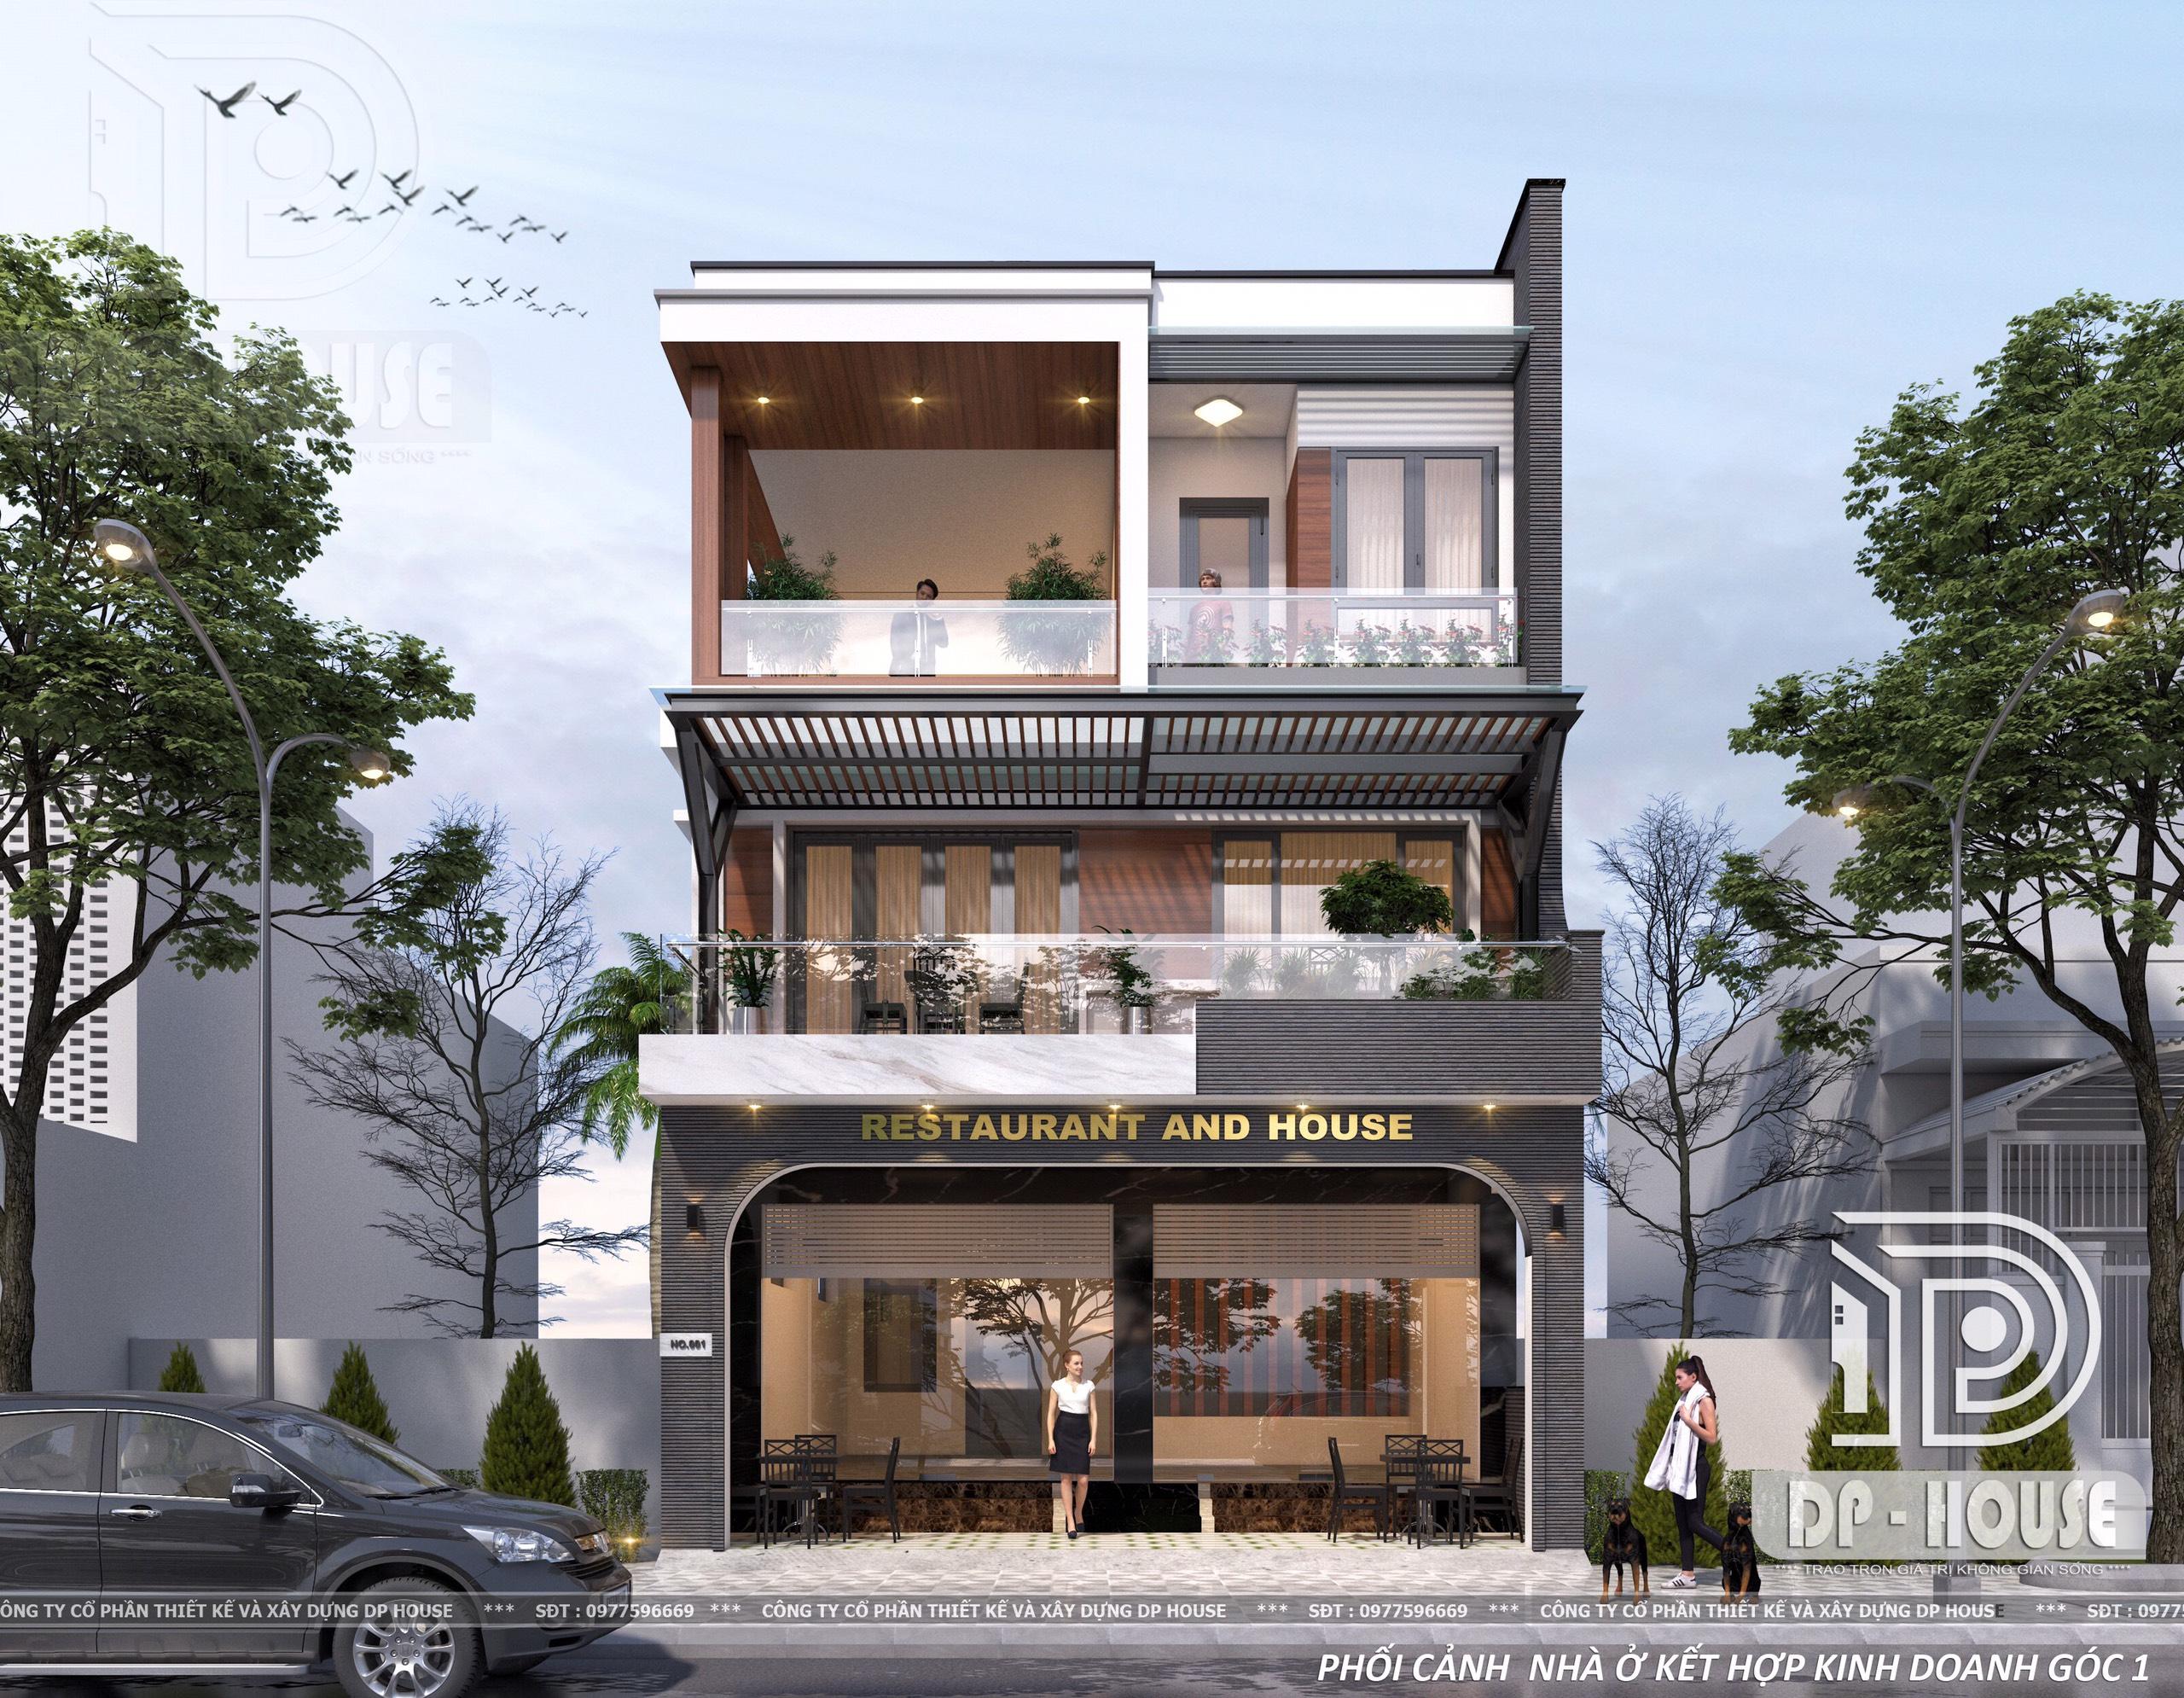 Thiết kế lô phố hiện đại 3 tầng ở phúc thọ